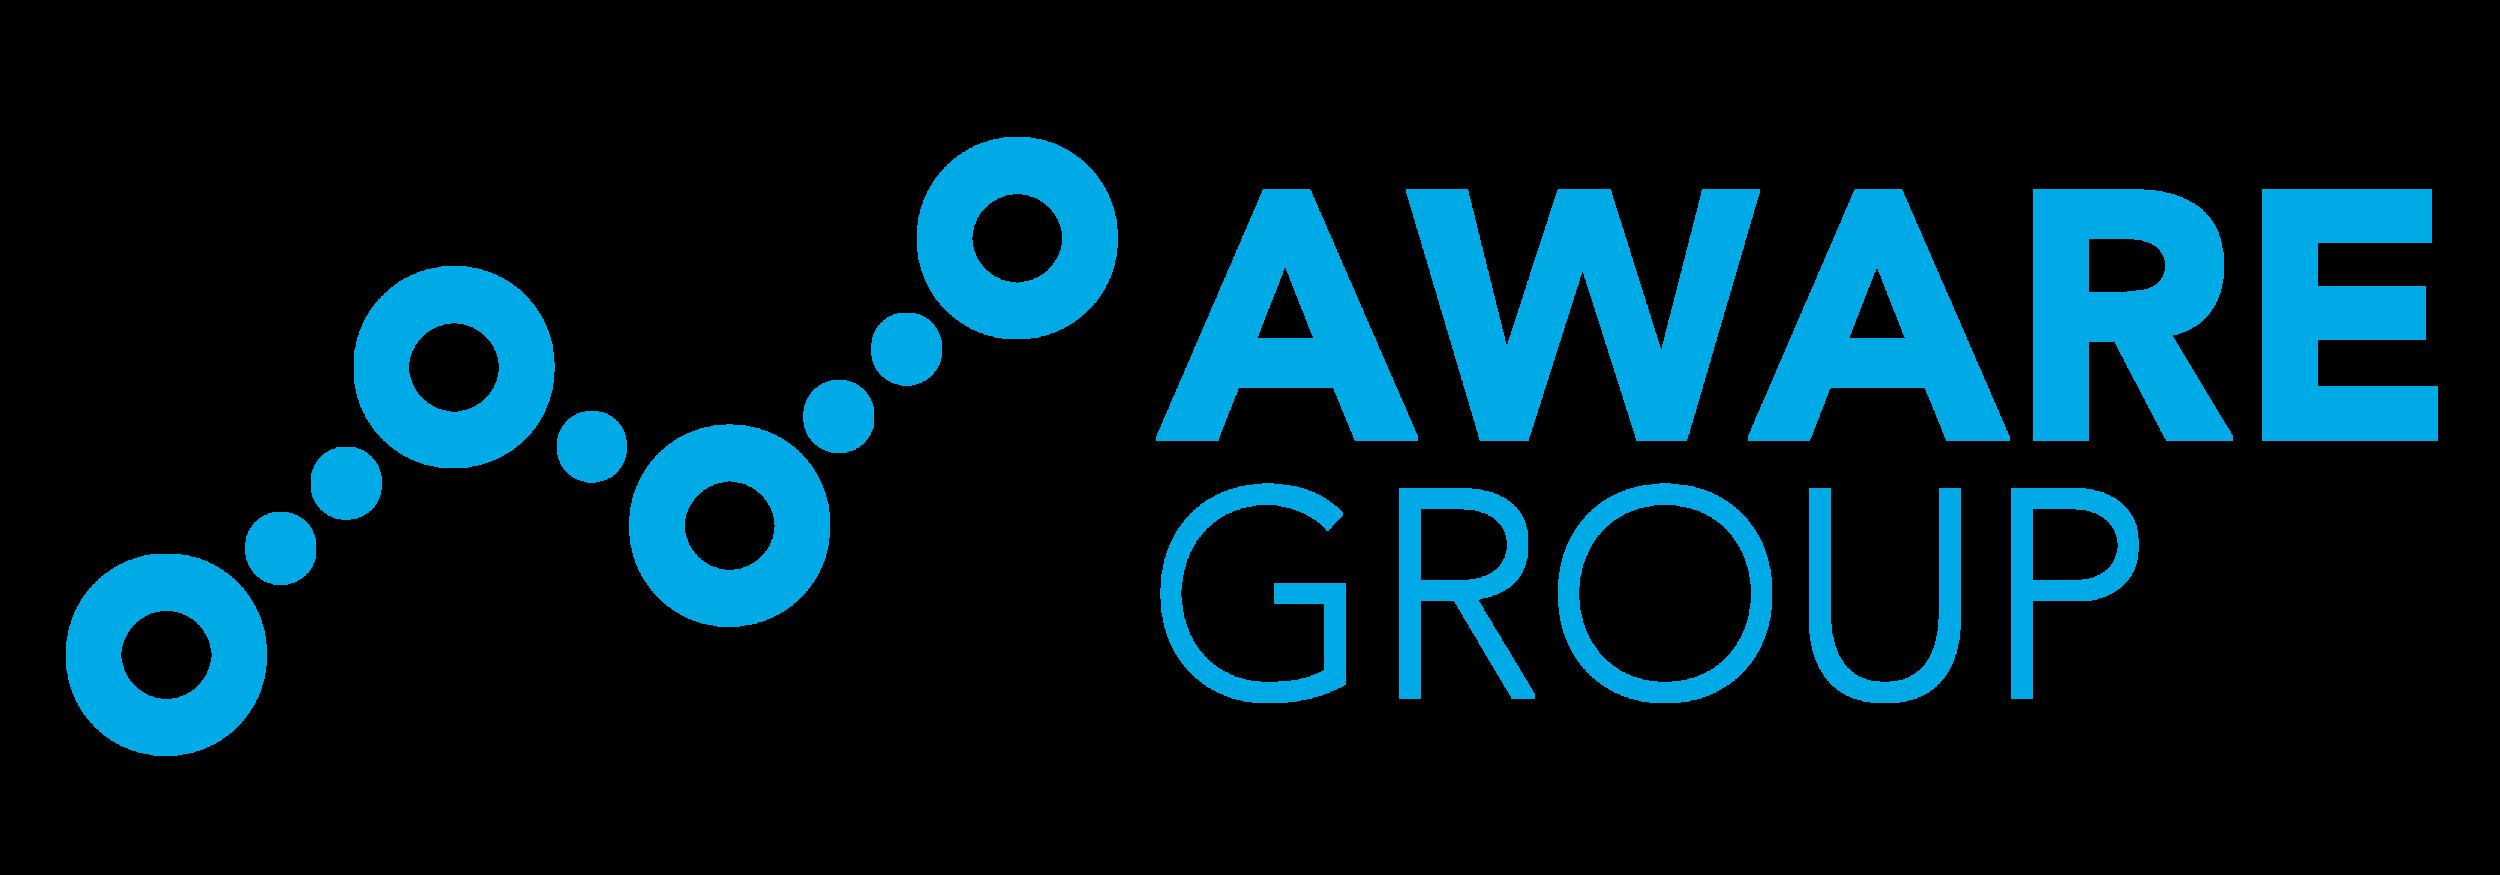 Aware-logo-01.png